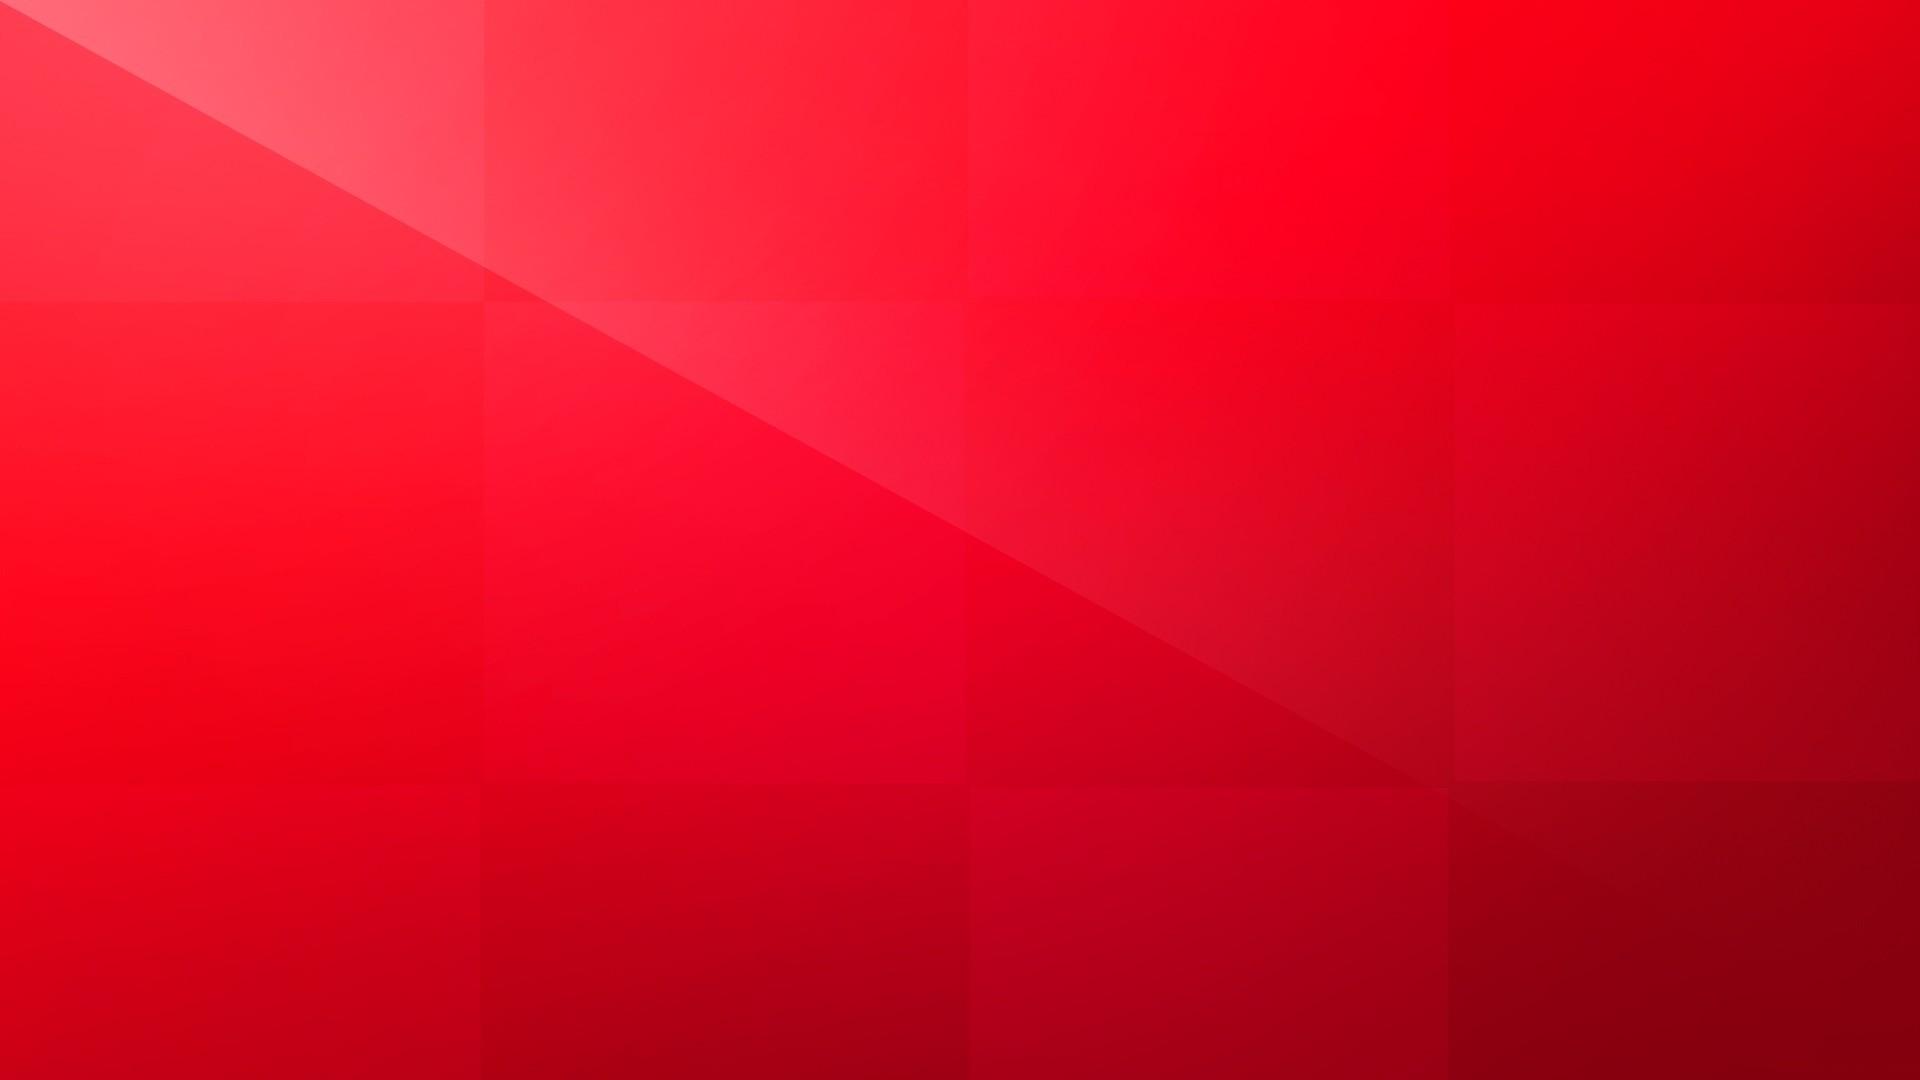 Обои на рабочий стол красного цвета